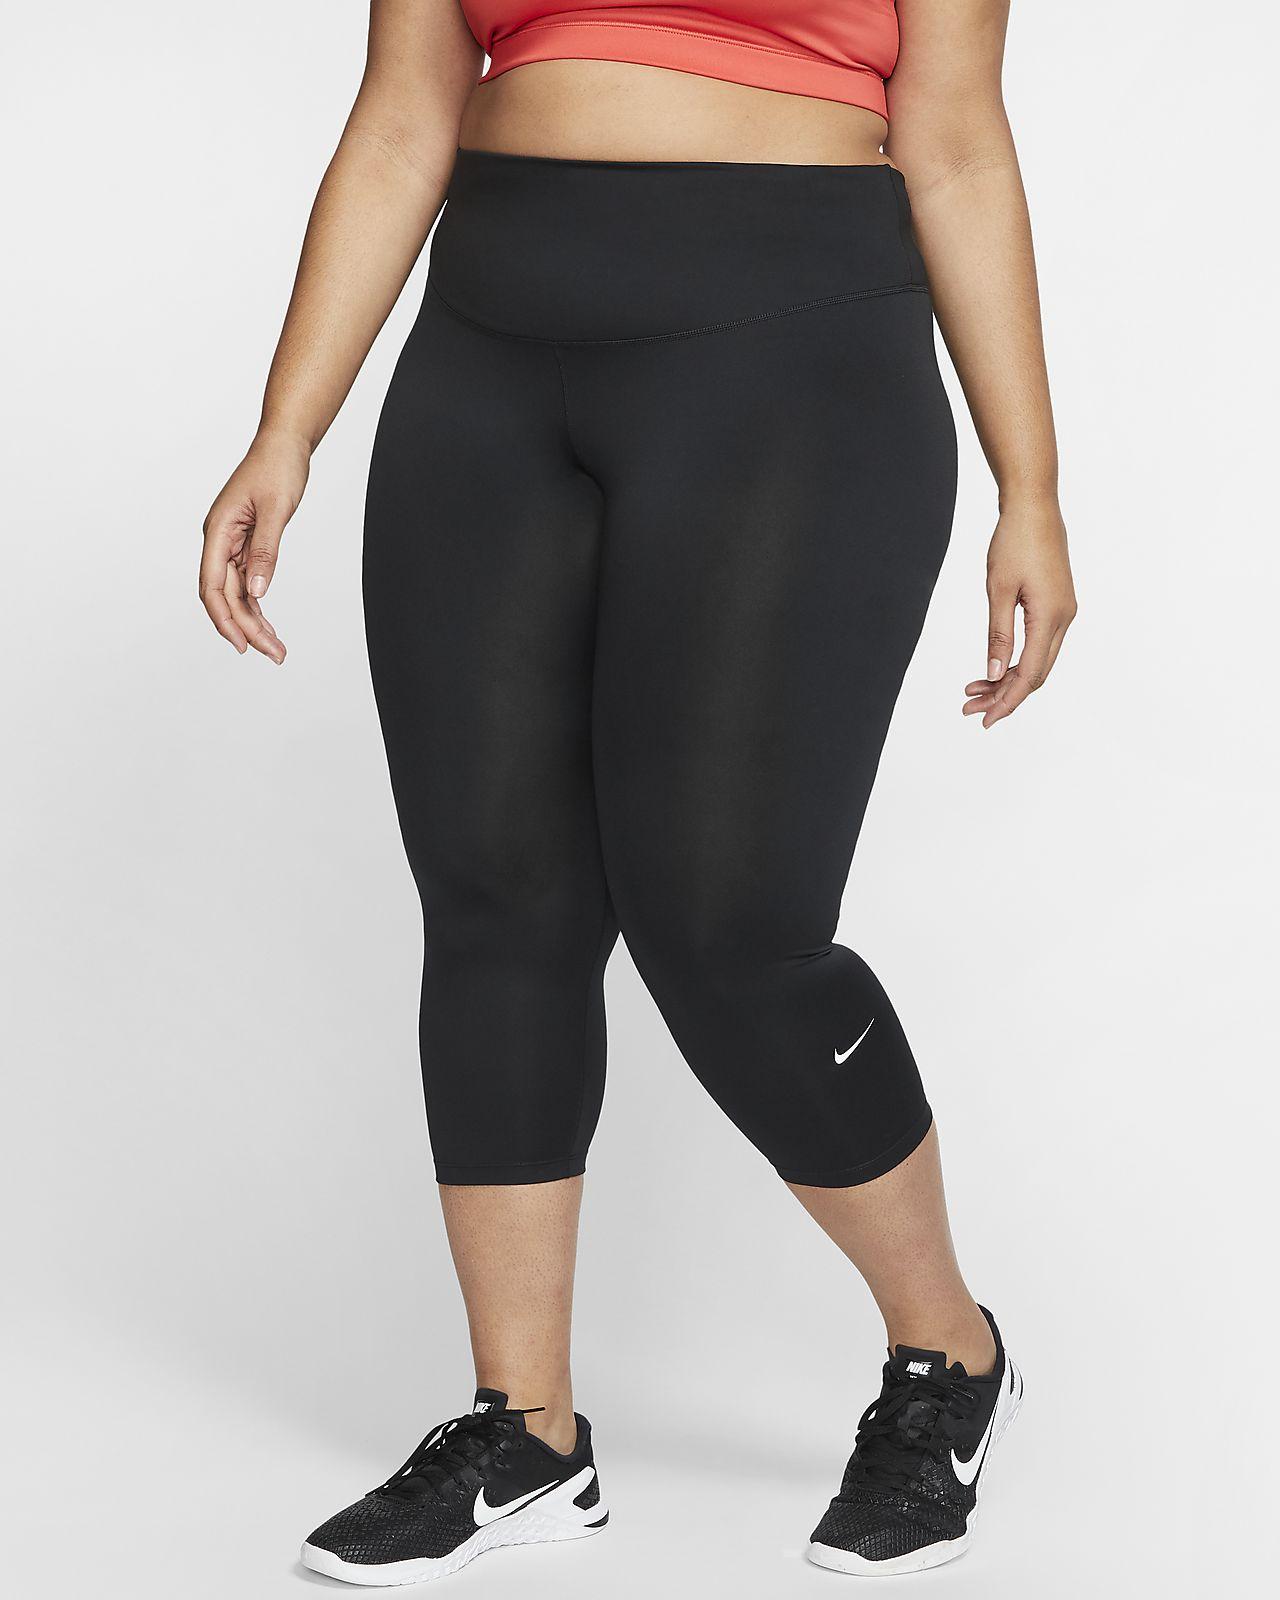 Nike One rövid szabású női leggings (plus size méret)